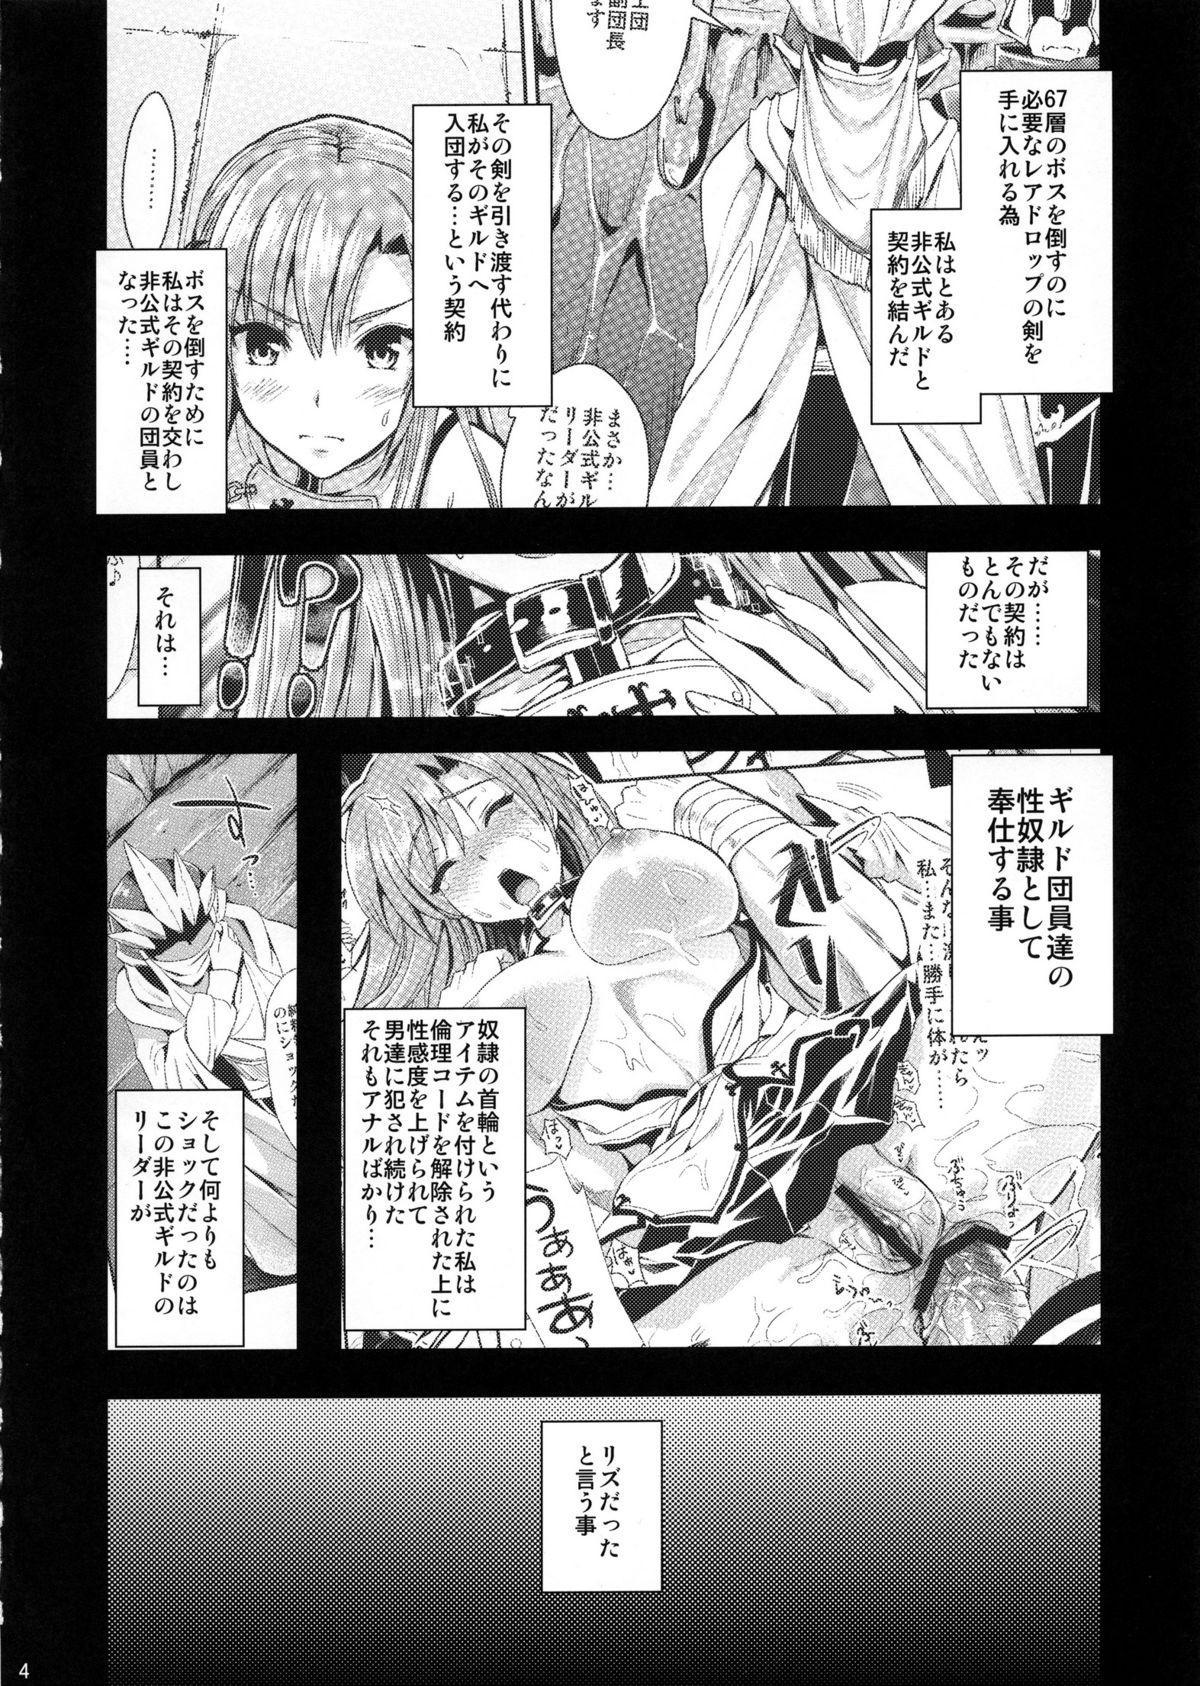 Shujou Seikou II β 2